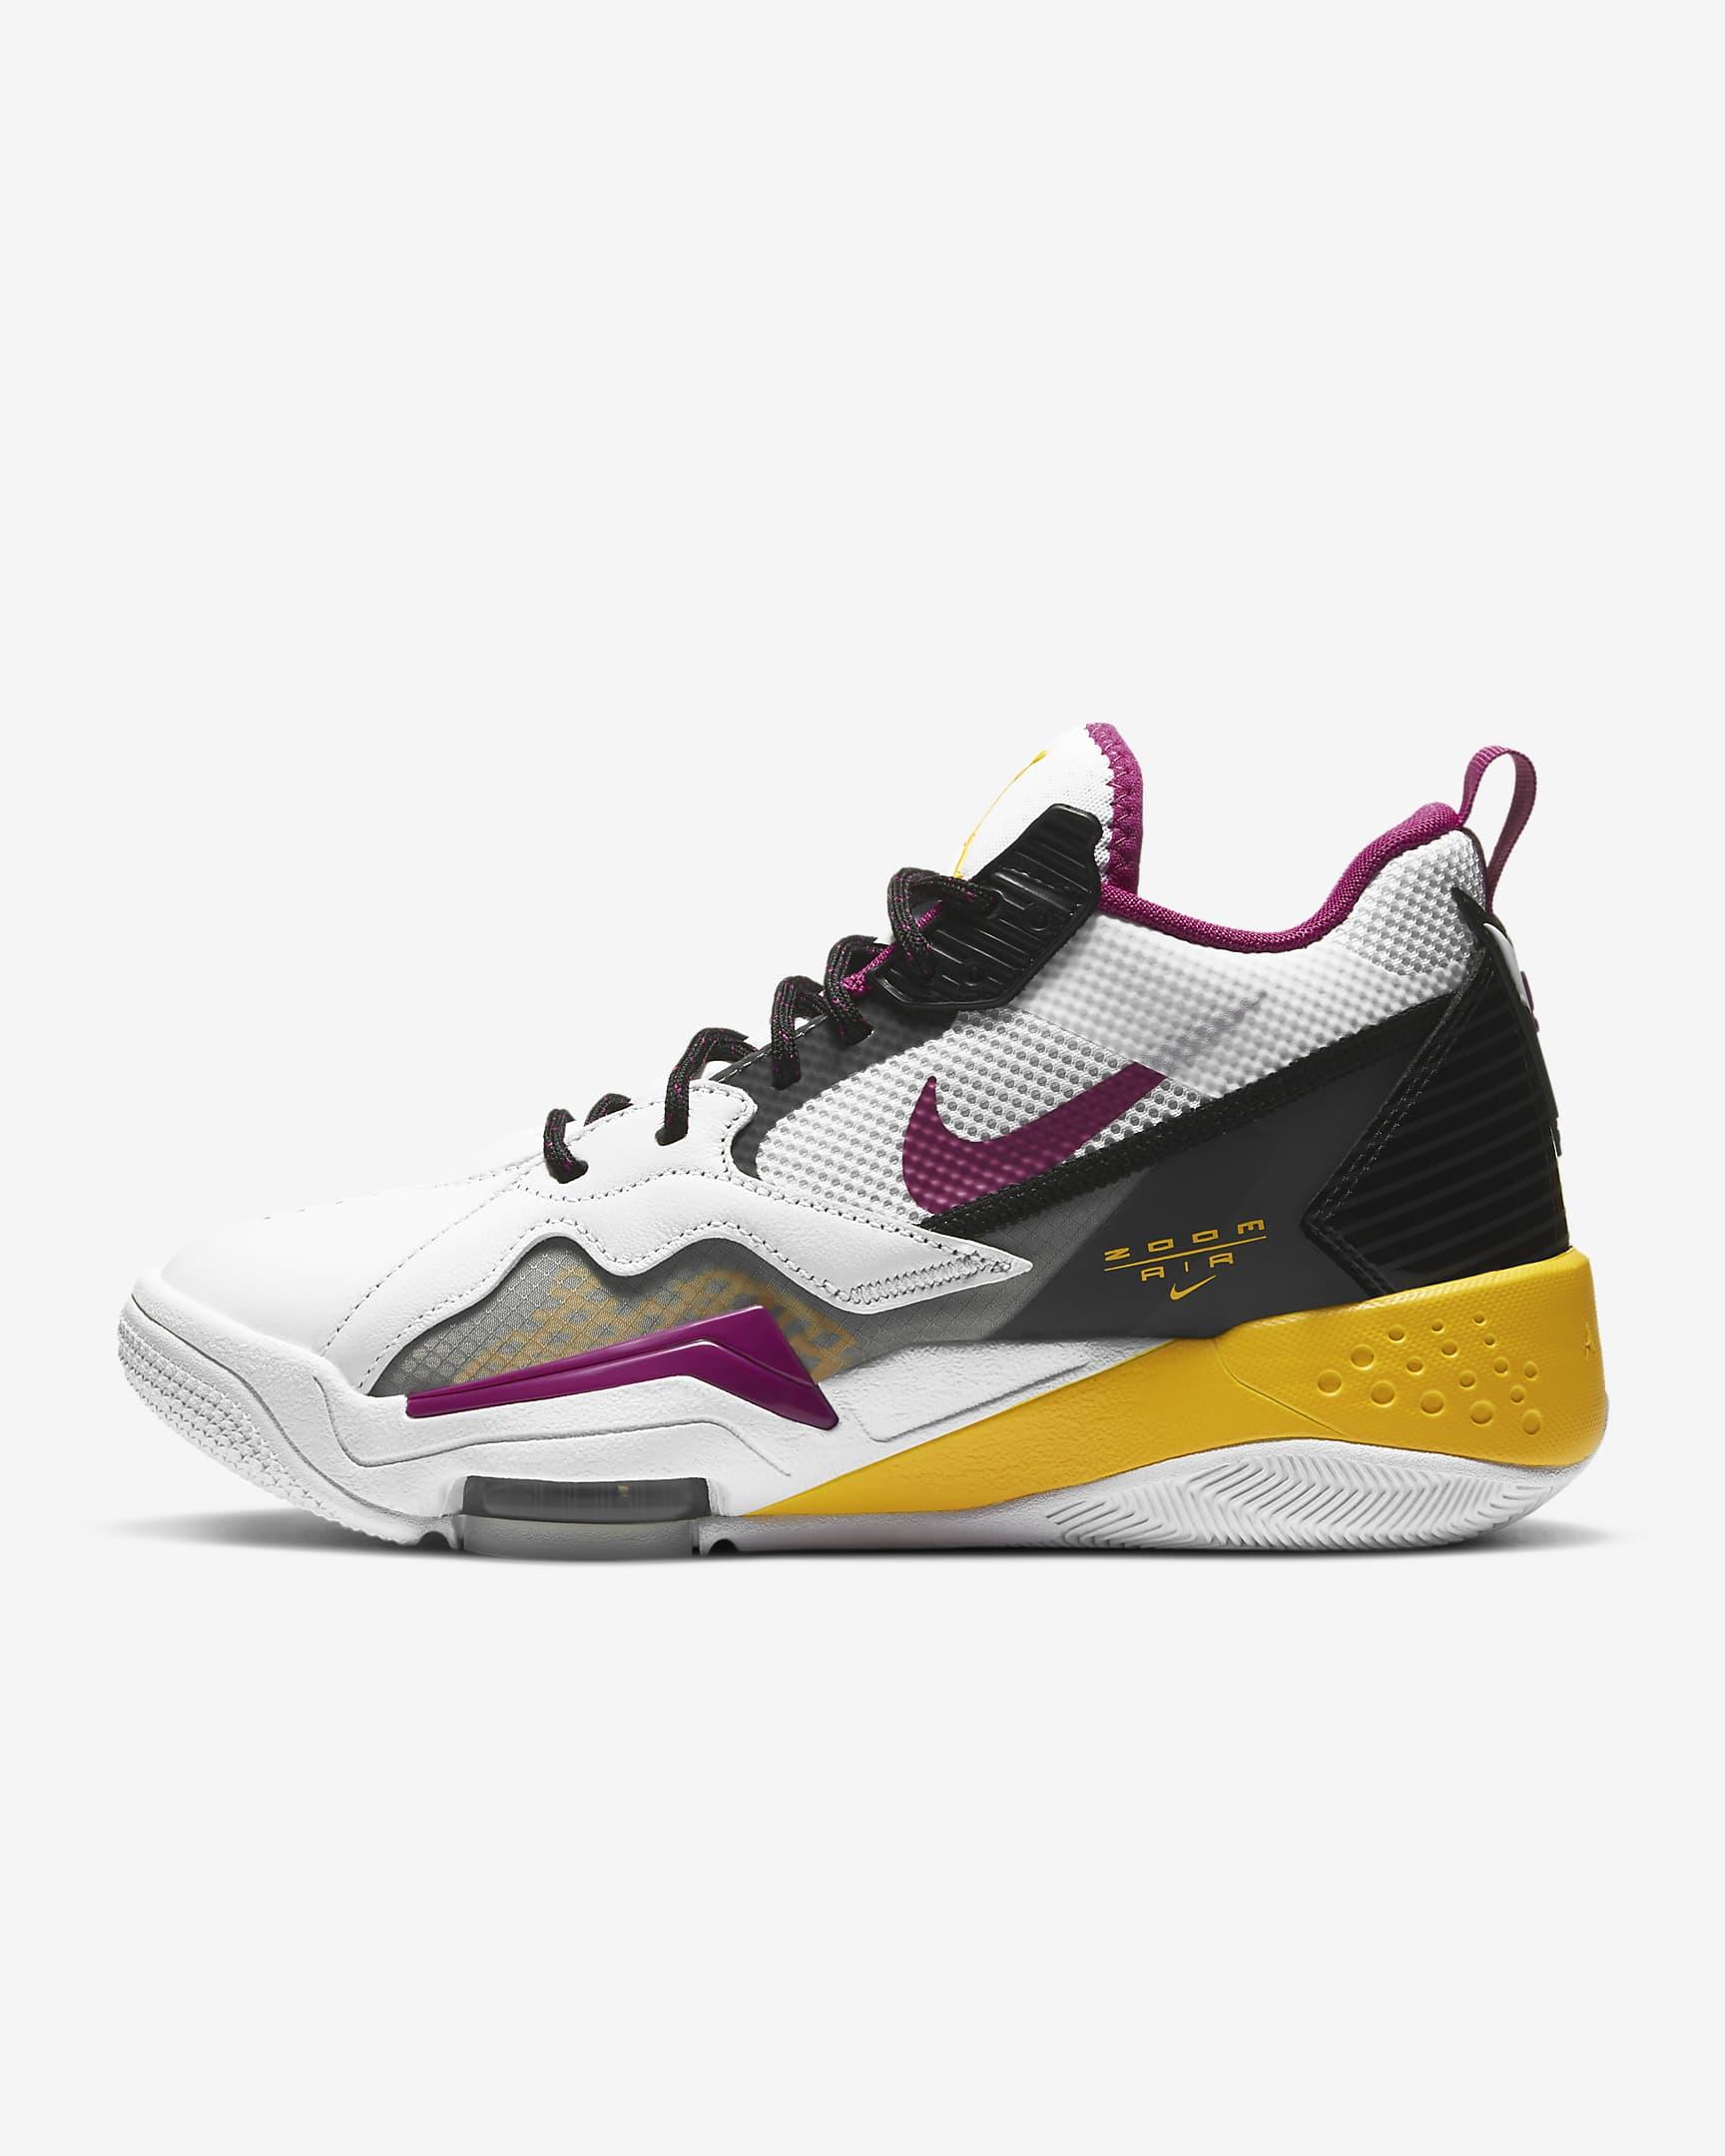 Las Jordan Zoom '92 rinden homenaje a las zapatillas de baloncesto de los 90 y están diseñadas para ofrecer comodidad sin renunciar al espíritu irreverente de los diseños de esa época.